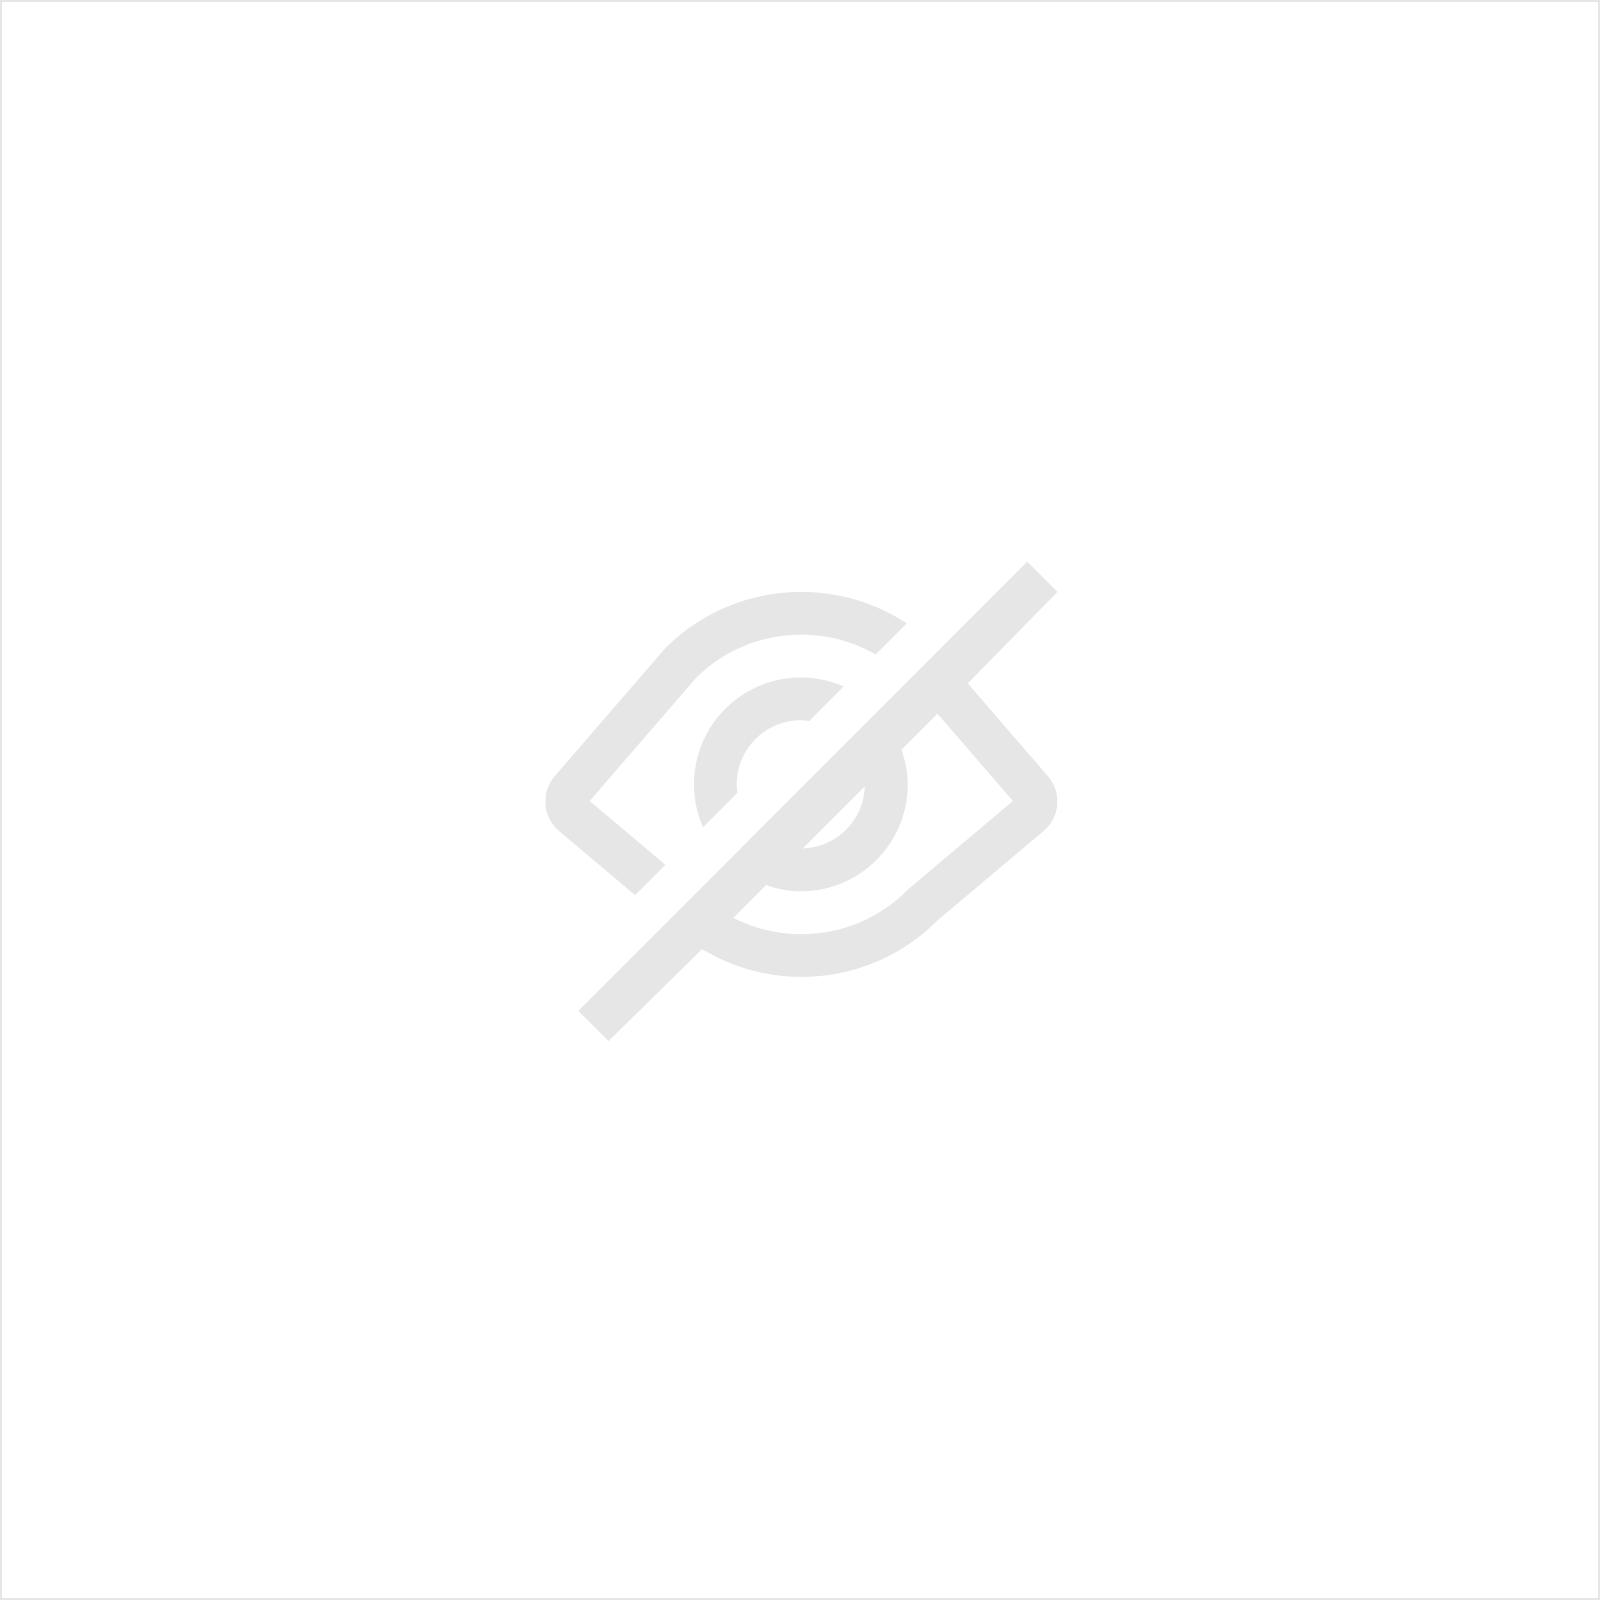 OPTIONEEL FLAT BEAD ROLL SET 1/4 VOOR BOORD EN LIJSTMACHINE